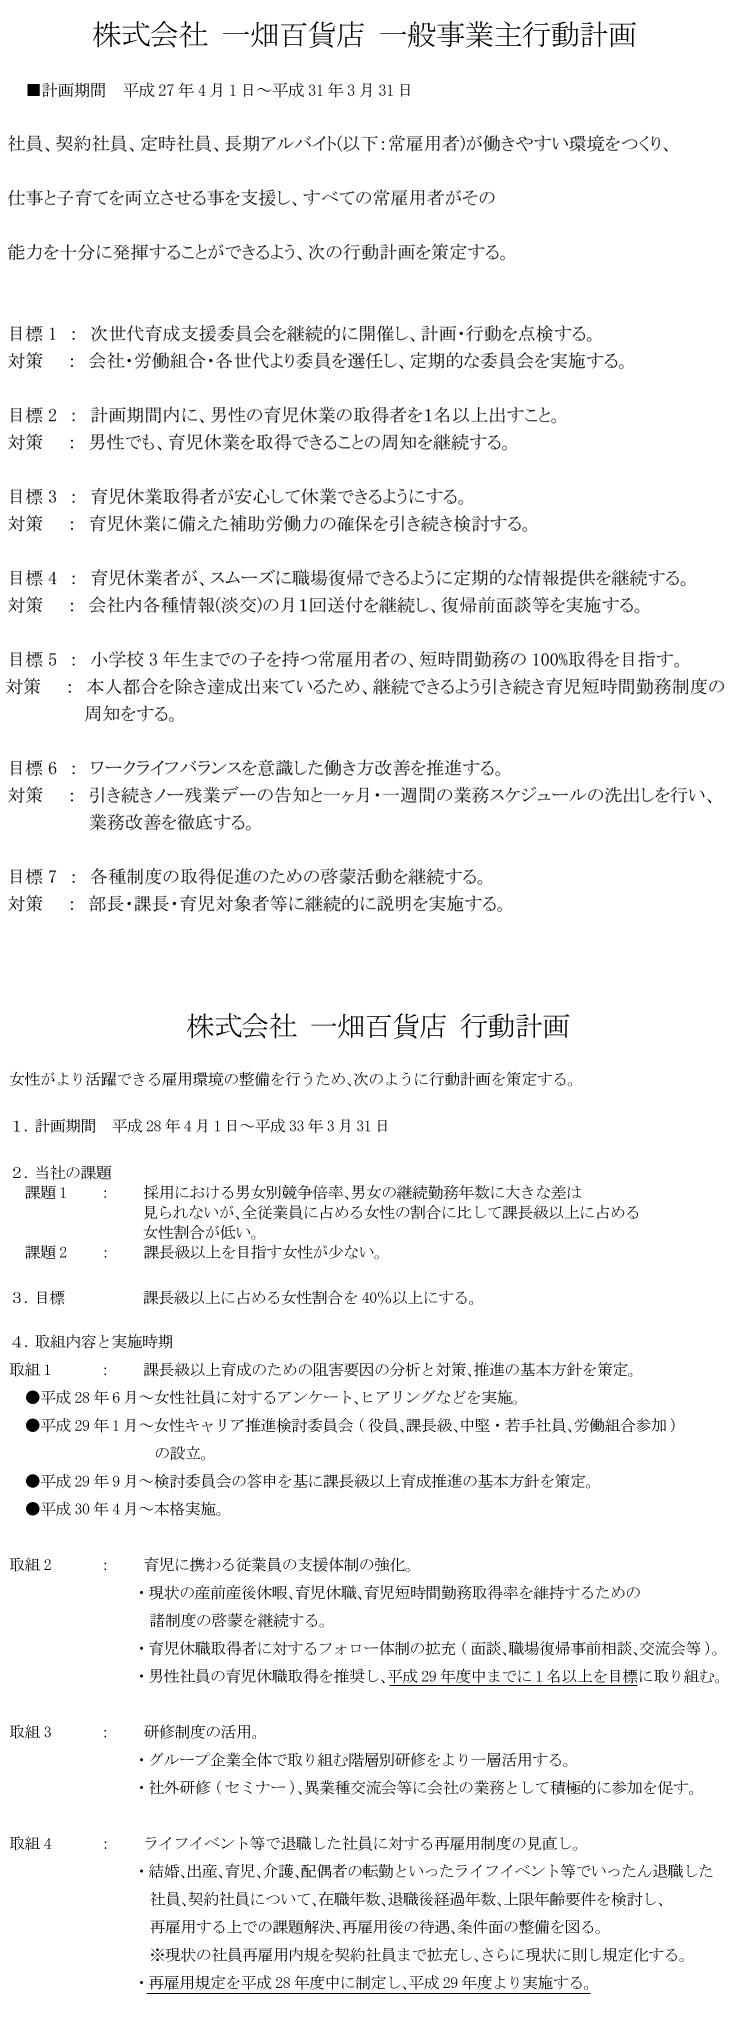 action_plan_2